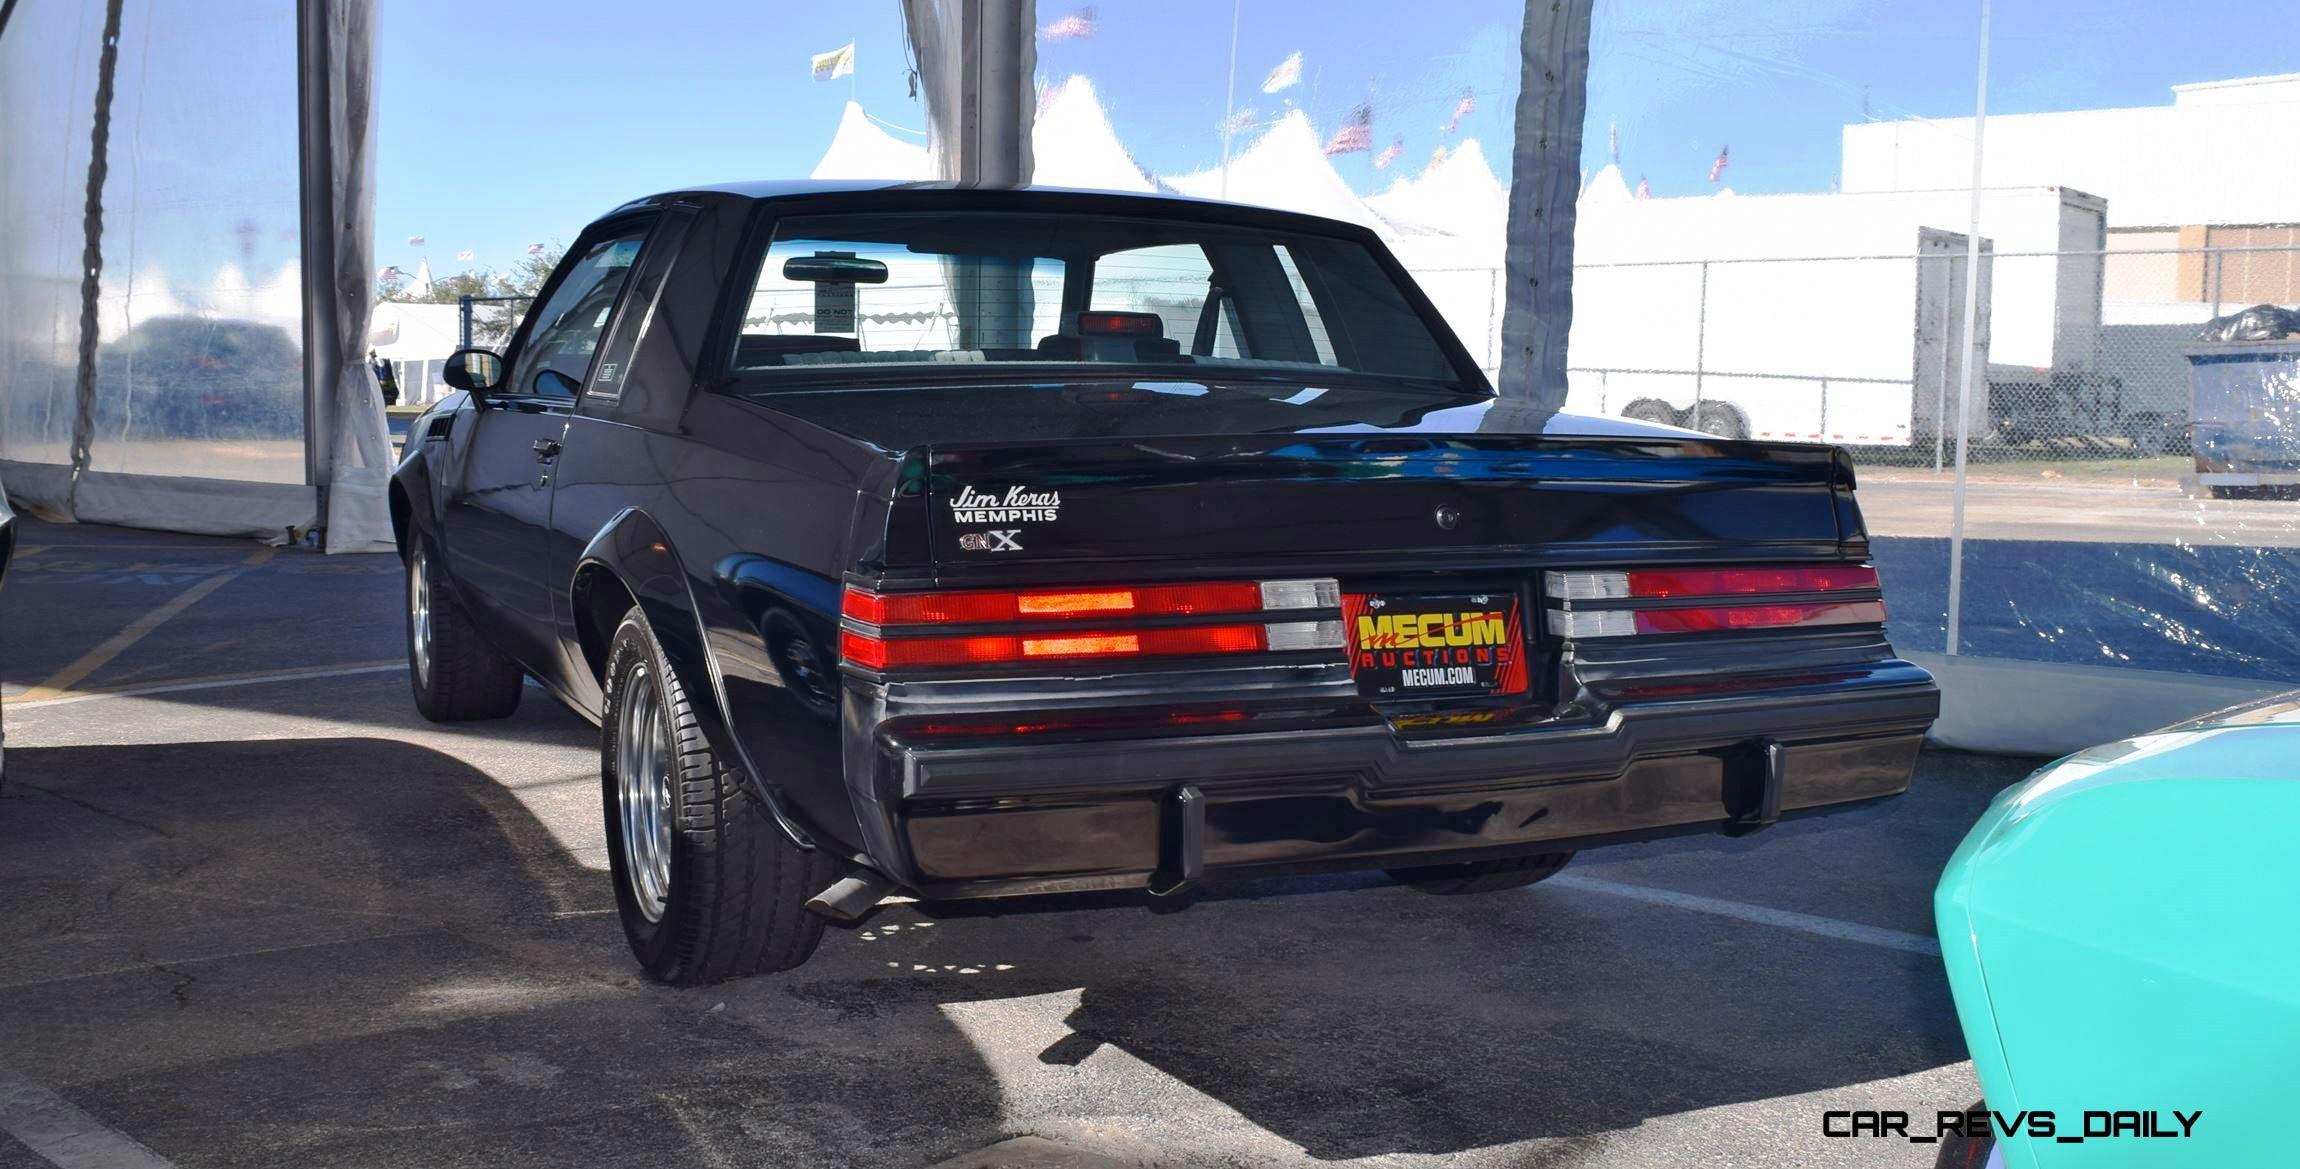 1987 Buick Gnx By Asc Mclaren Detail Photo Flyaround